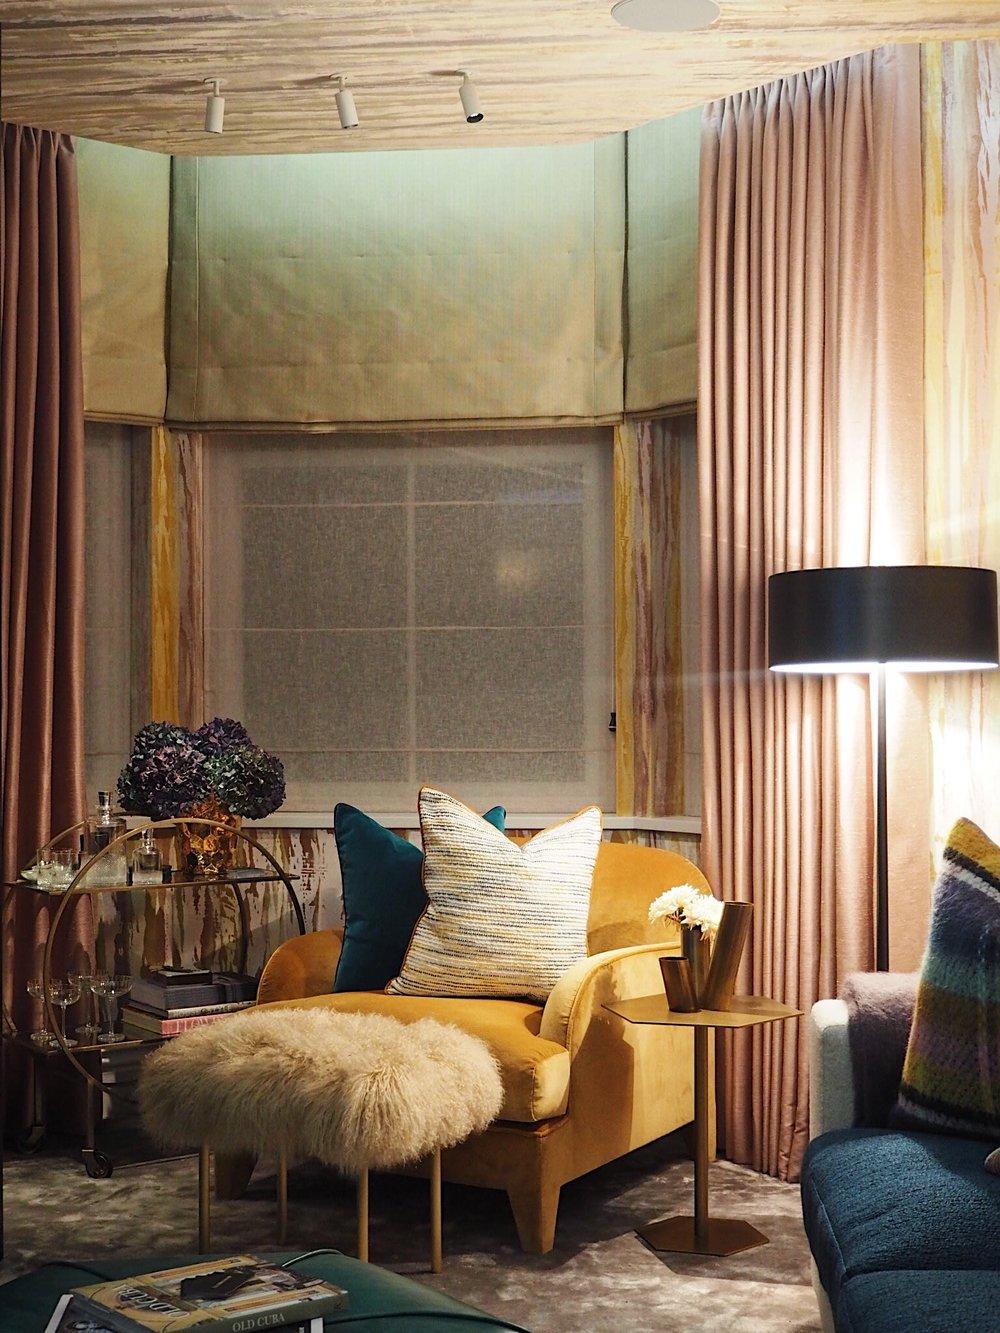 Image Courtesy: Melanie Lissack Interiors